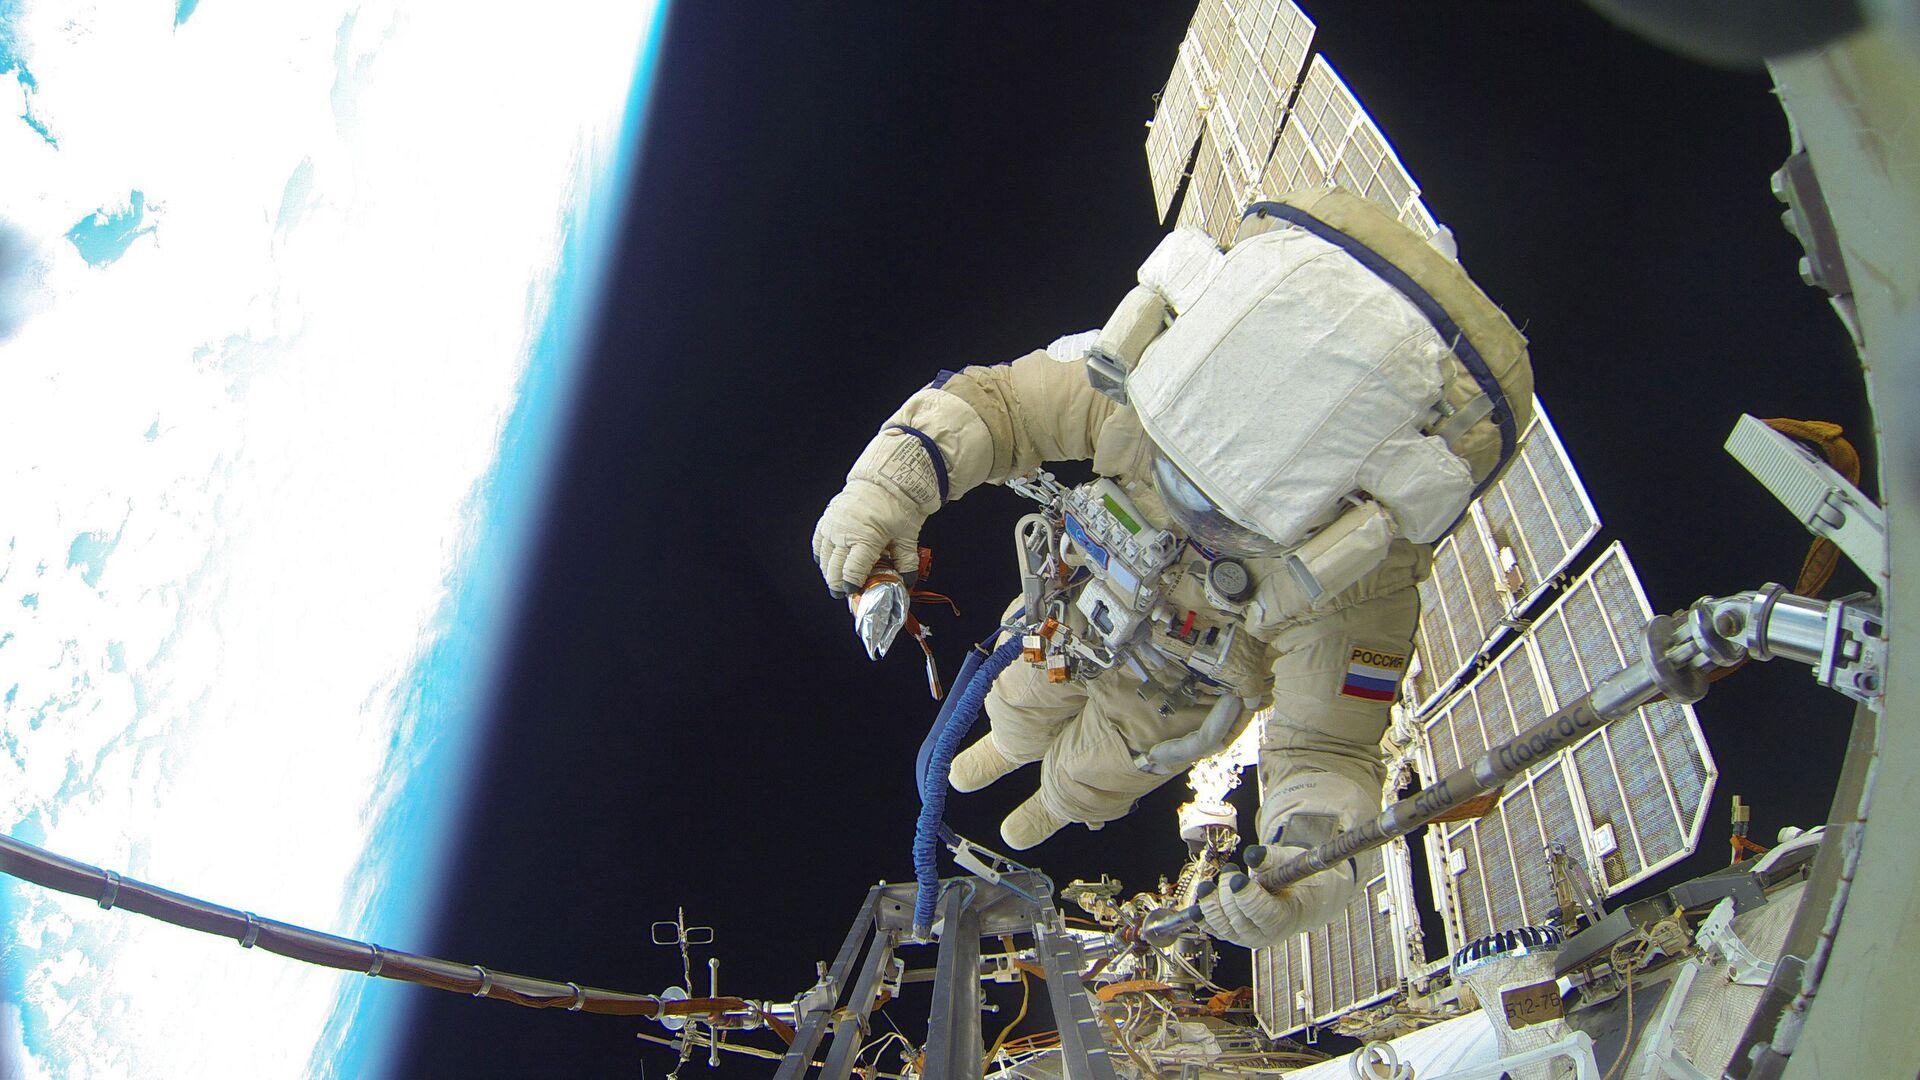 Выход в открытый космос российских космонавтов - РИА Новости, 1920, 14.06.2021